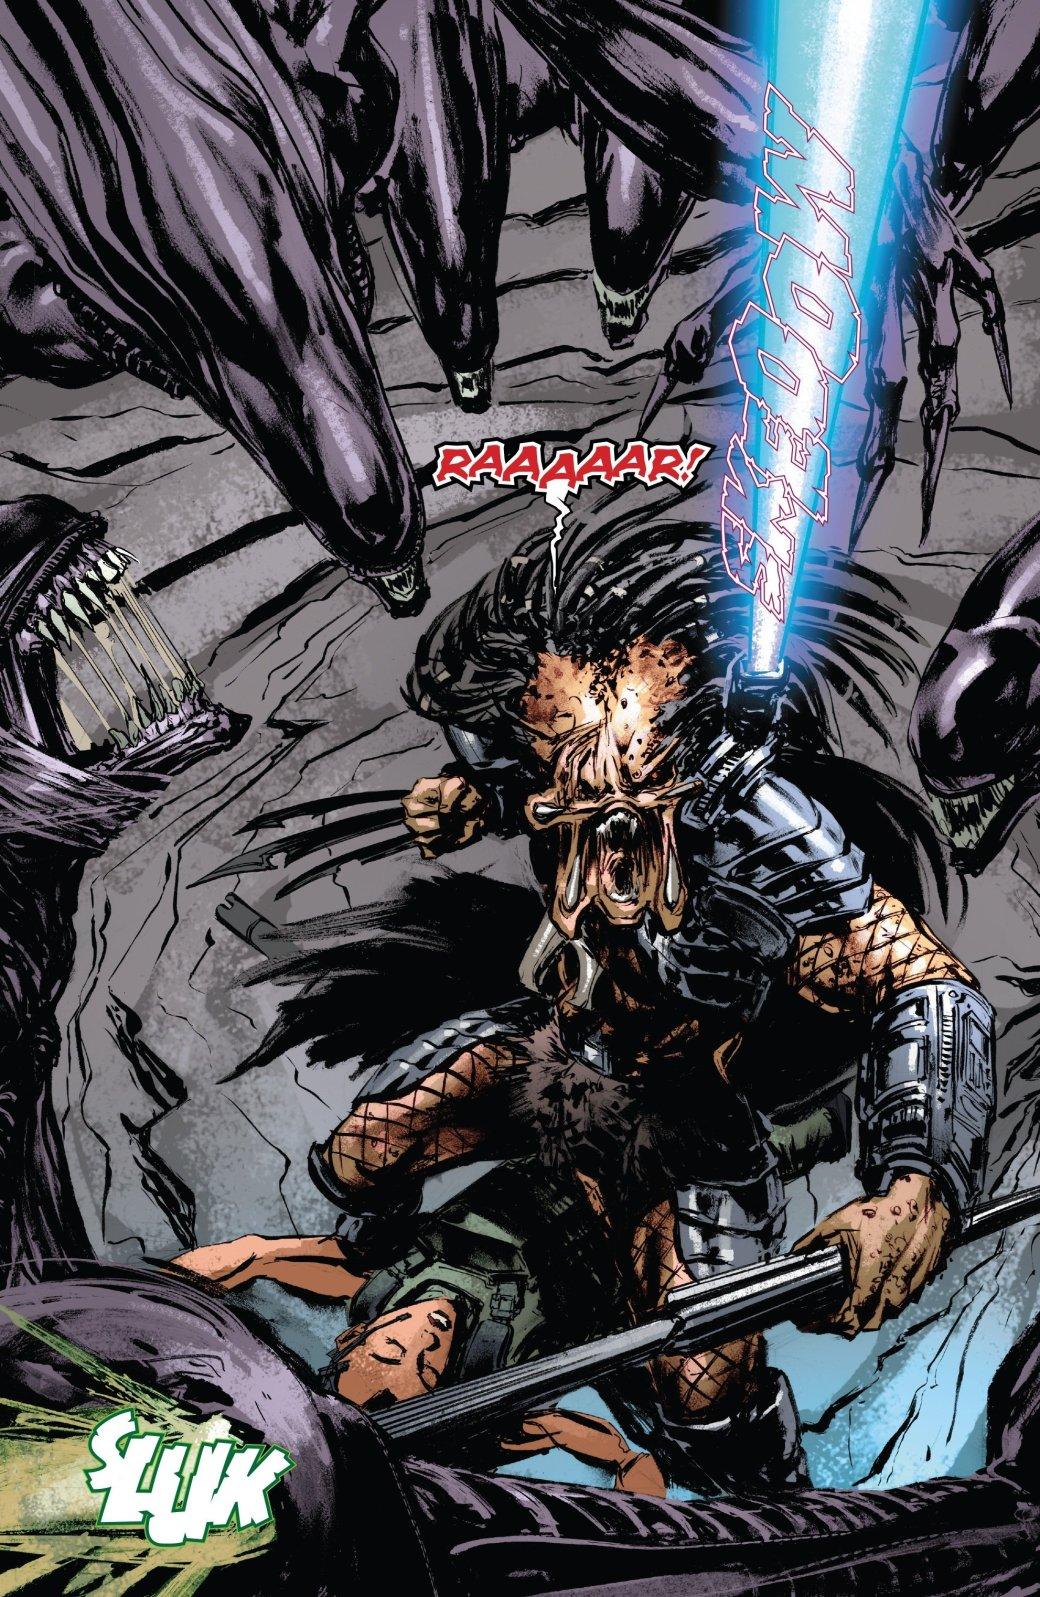 Бэтмен против Чужого?! Безумные комикс-кроссоверы сксеноморфами. - Изображение 13